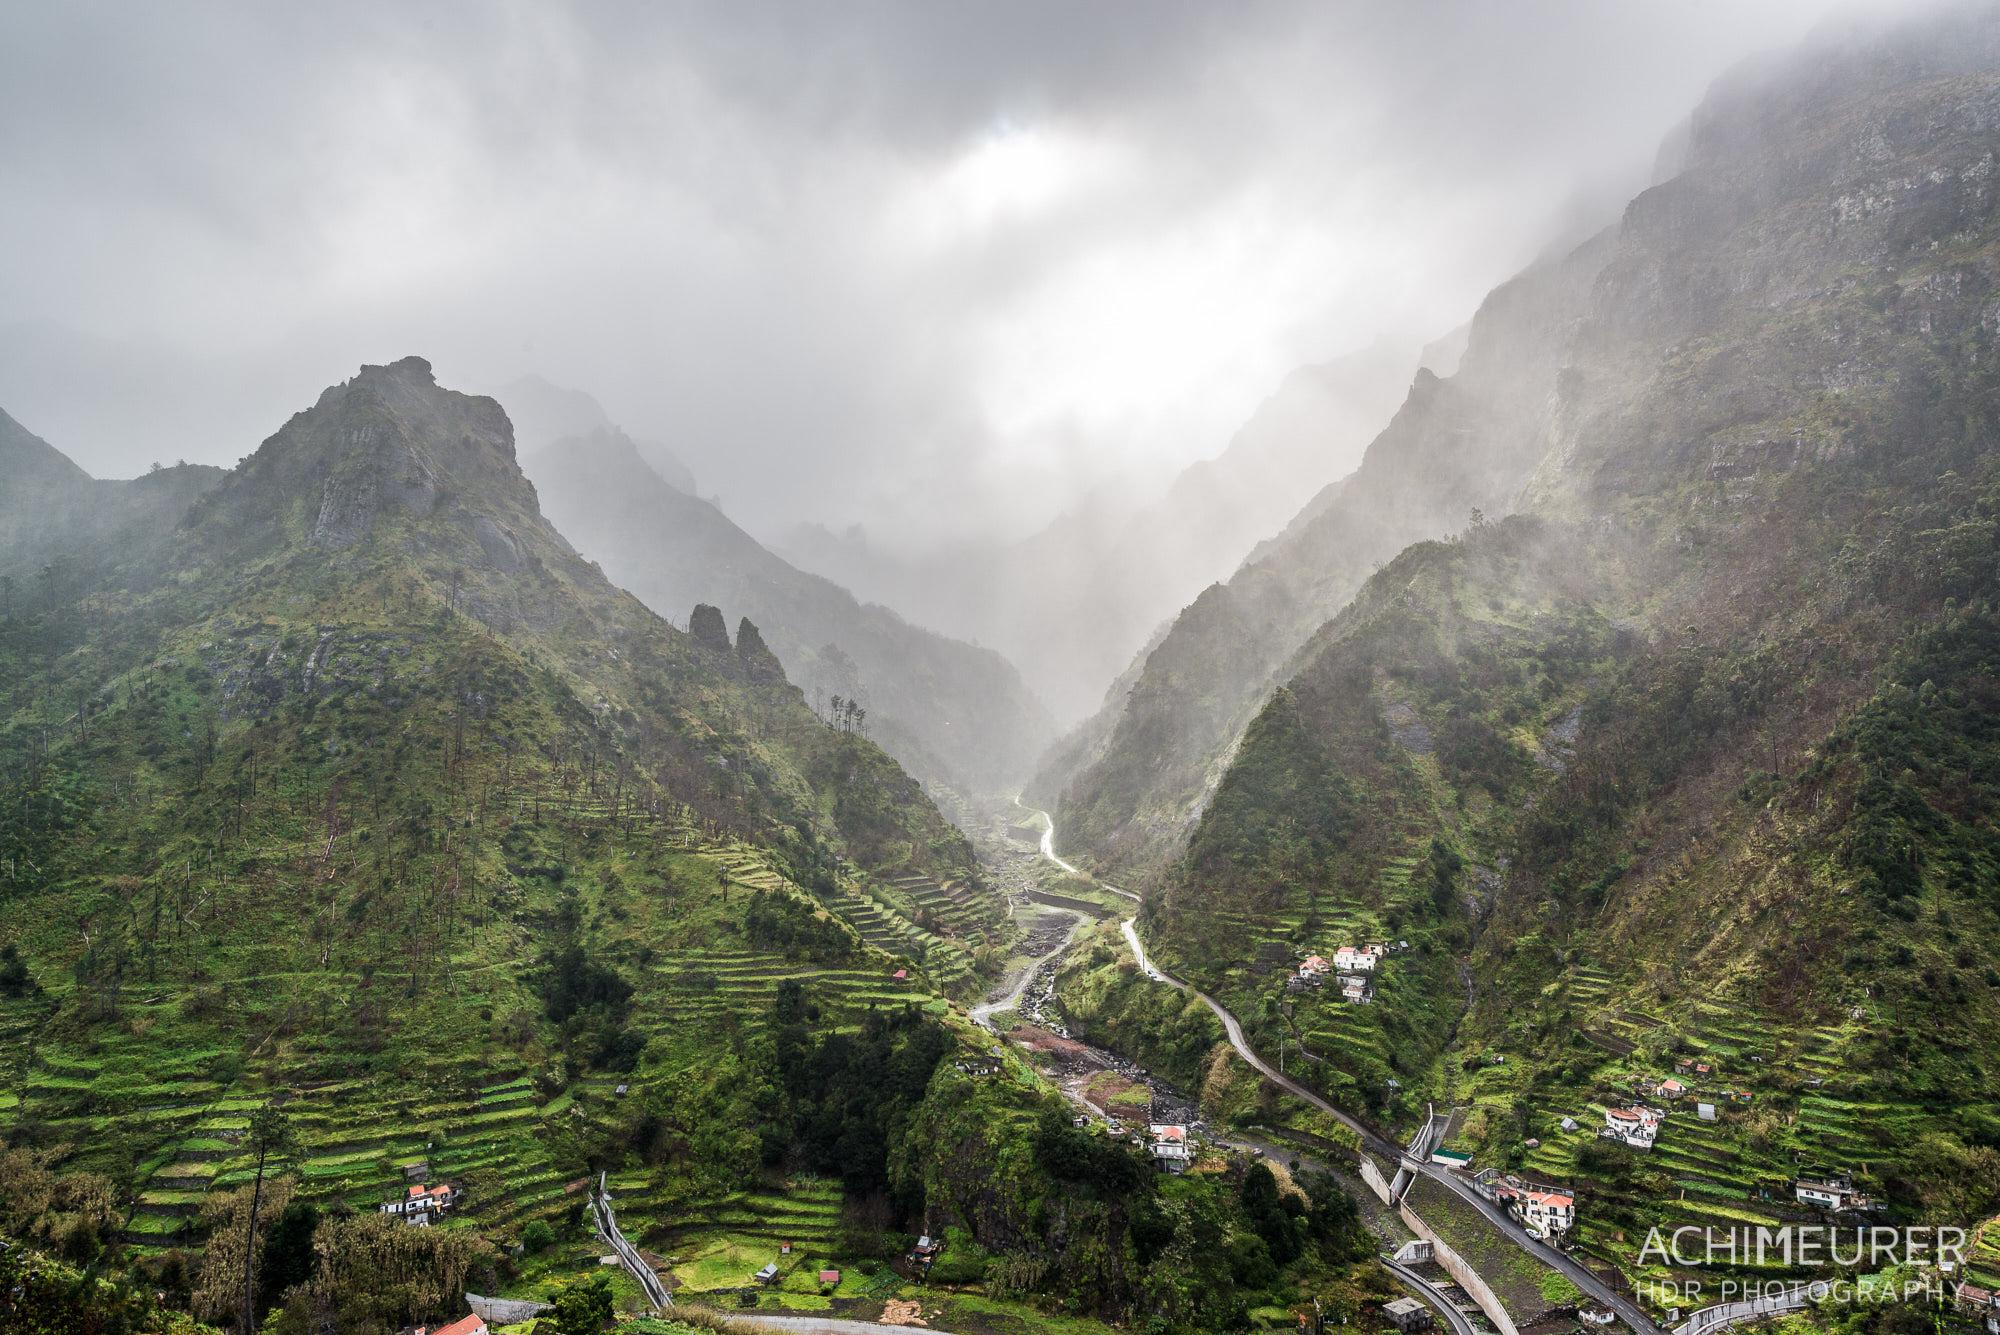 Die Sonne bricht sich ihren Weg durch die Regenwolken auf Madeira by Array.